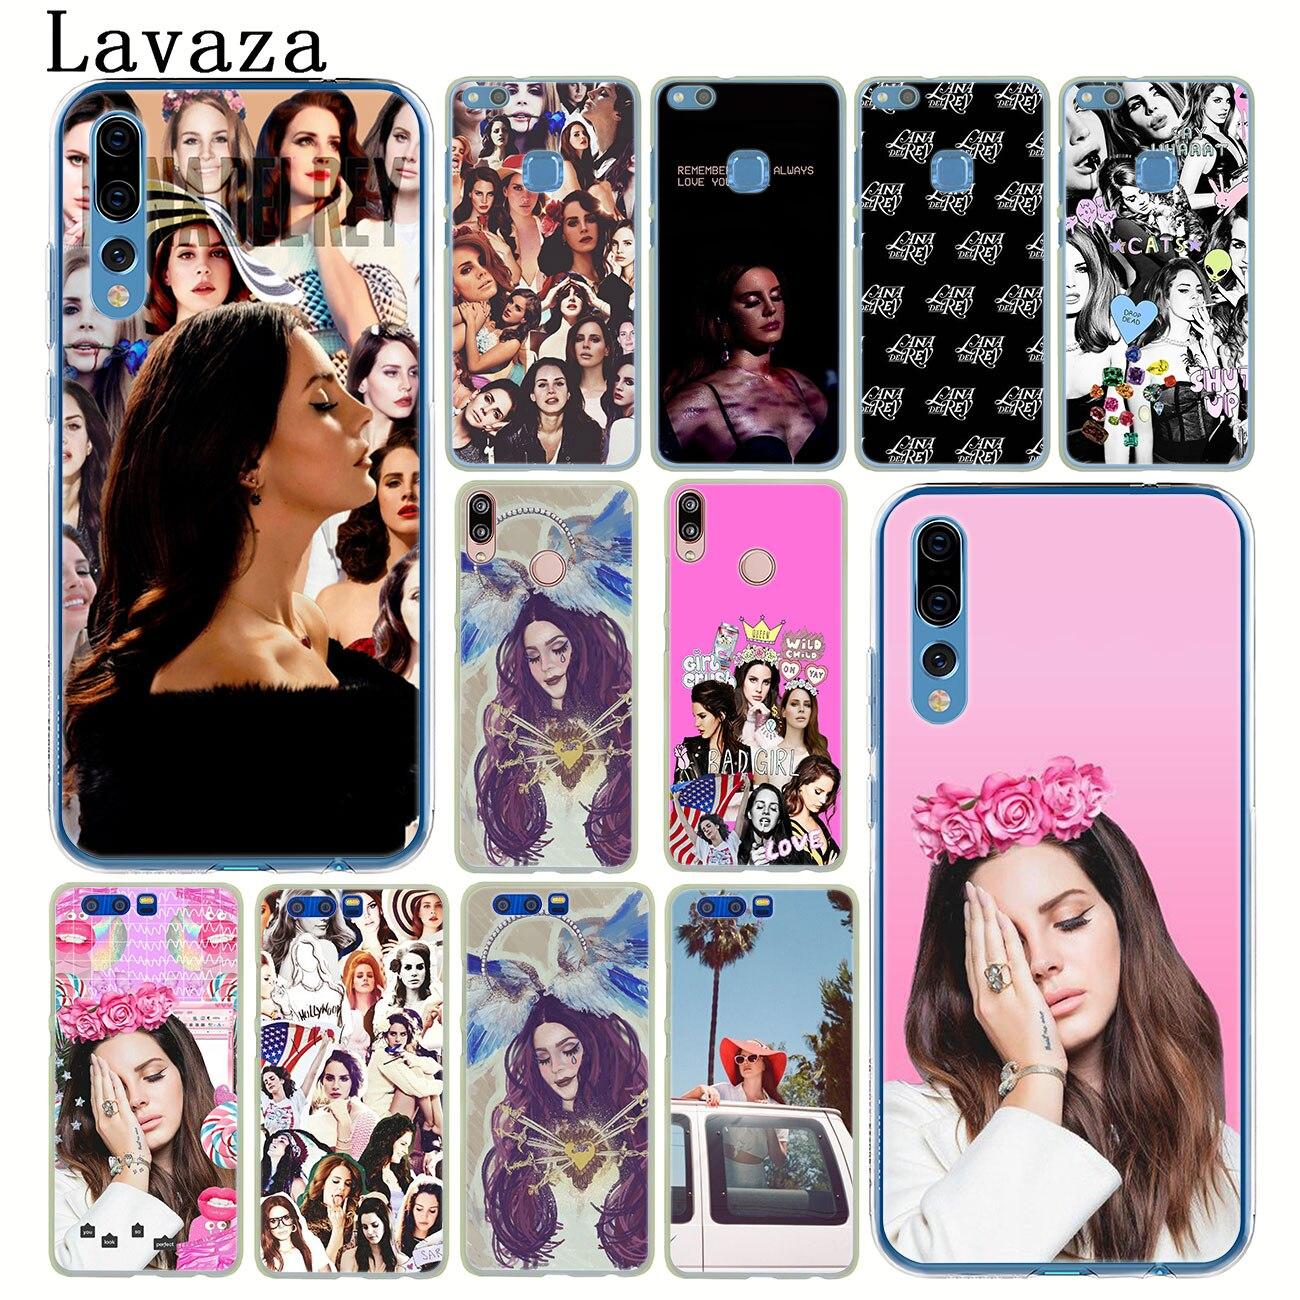 Lavaza Lana Del Rey LDR funda Del teléfono para Huawei P30 P20 Pro P10 P9 más P8 Lite 2016 Mini 2017 P smart Z 2019 cubierta